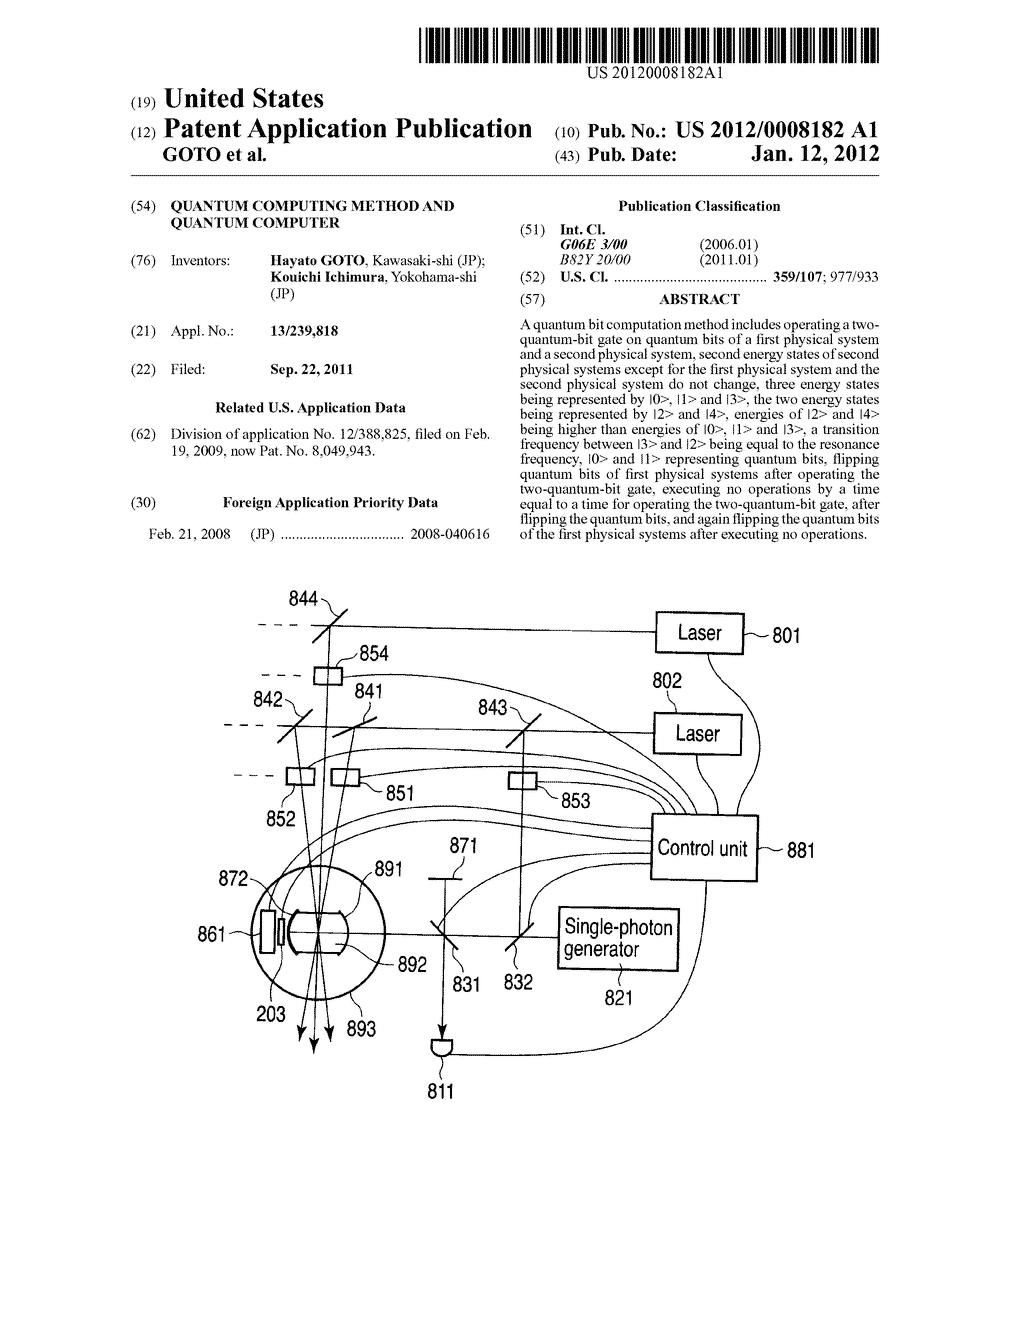 quantum computing method and quantum computer diagram schematic rh patentsencyclopedia com Quantum Computer Infograph Quantum Computers Hardware